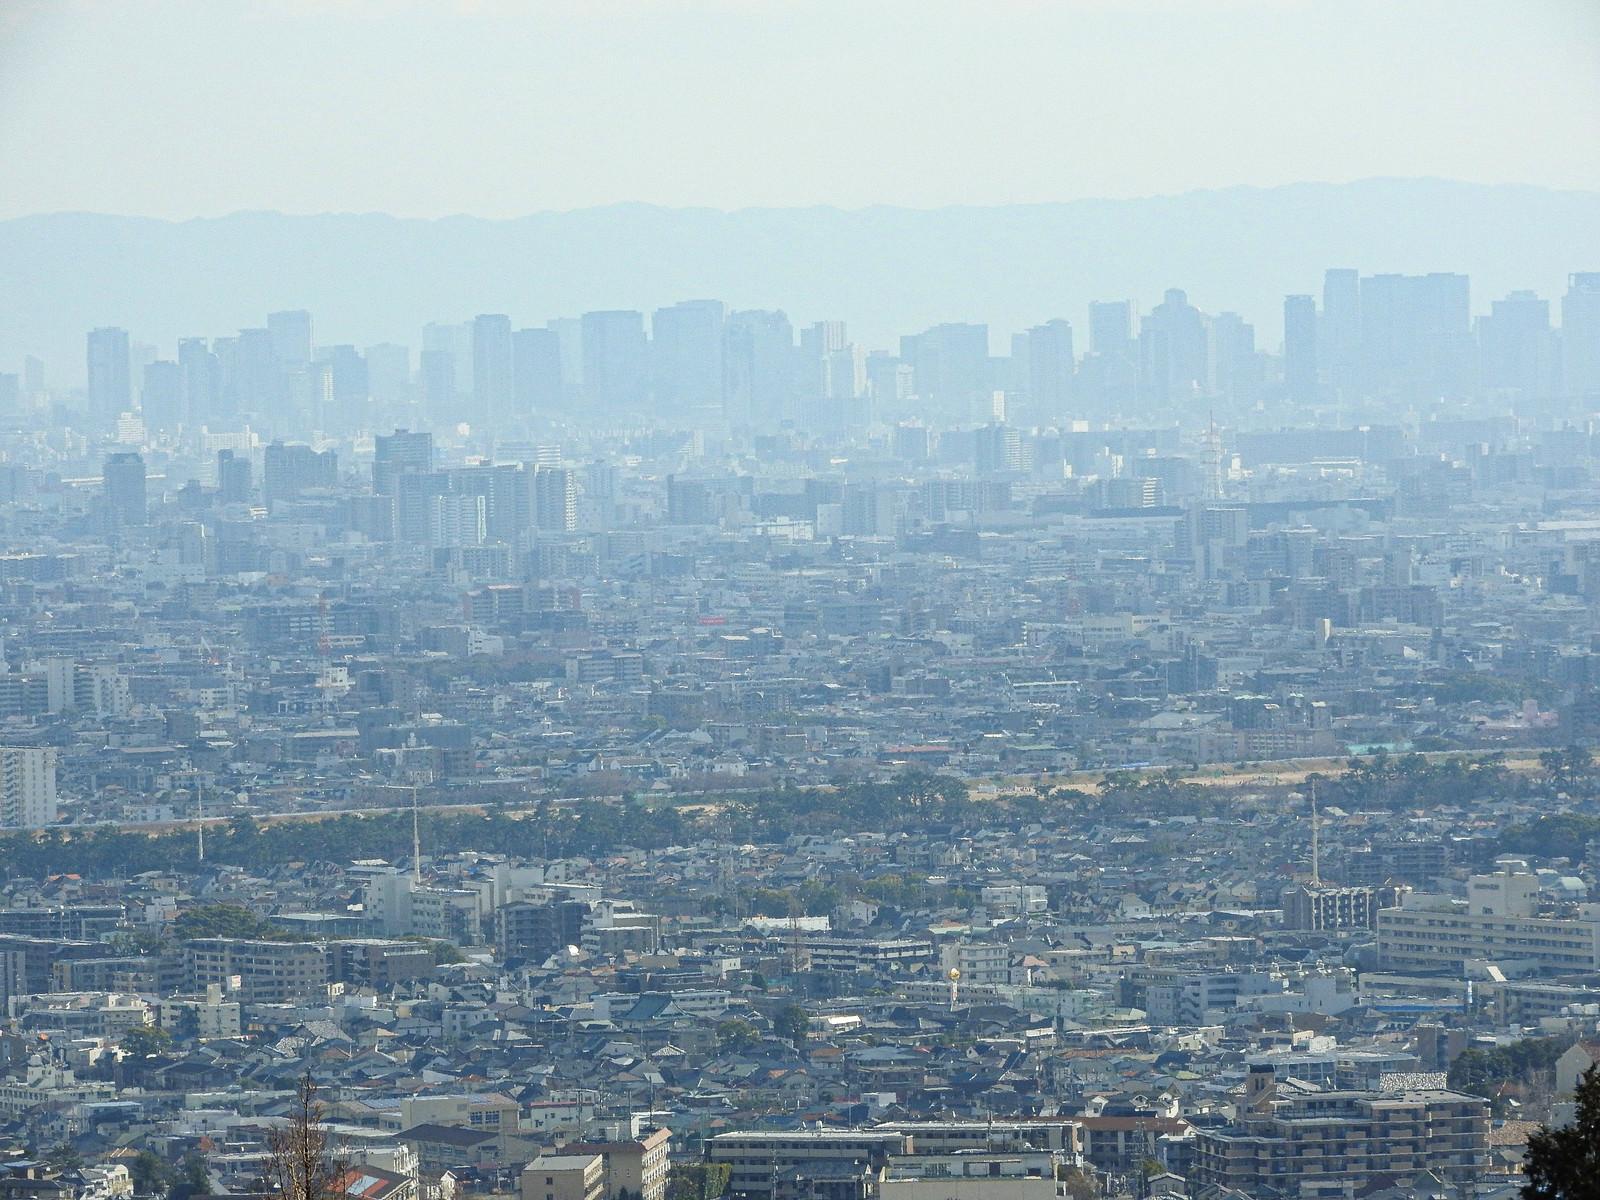 「霞がかる遠くの街並み」の写真